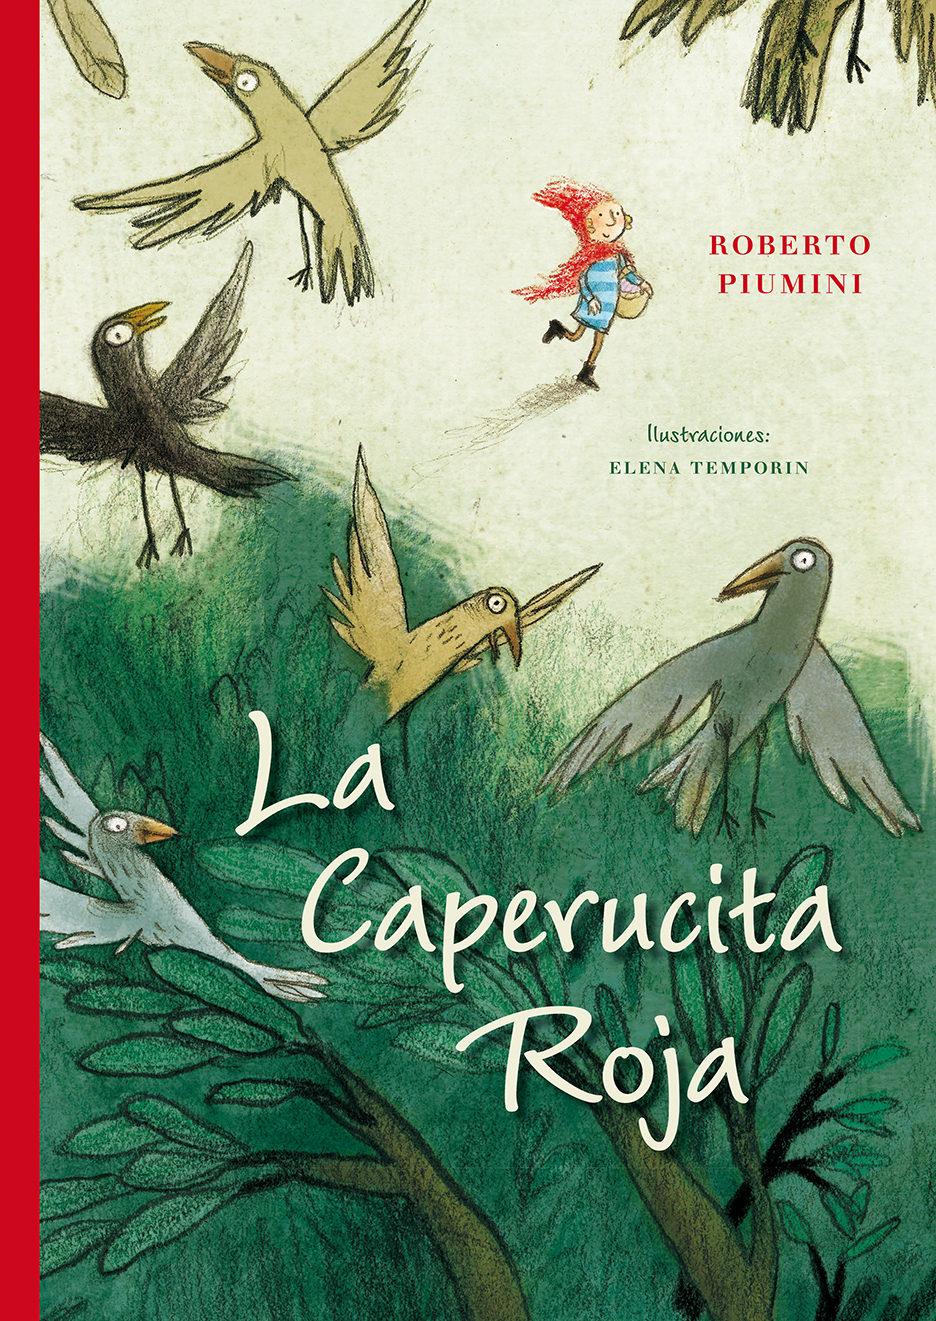 La Caperucita Roja - Piumini Roberto